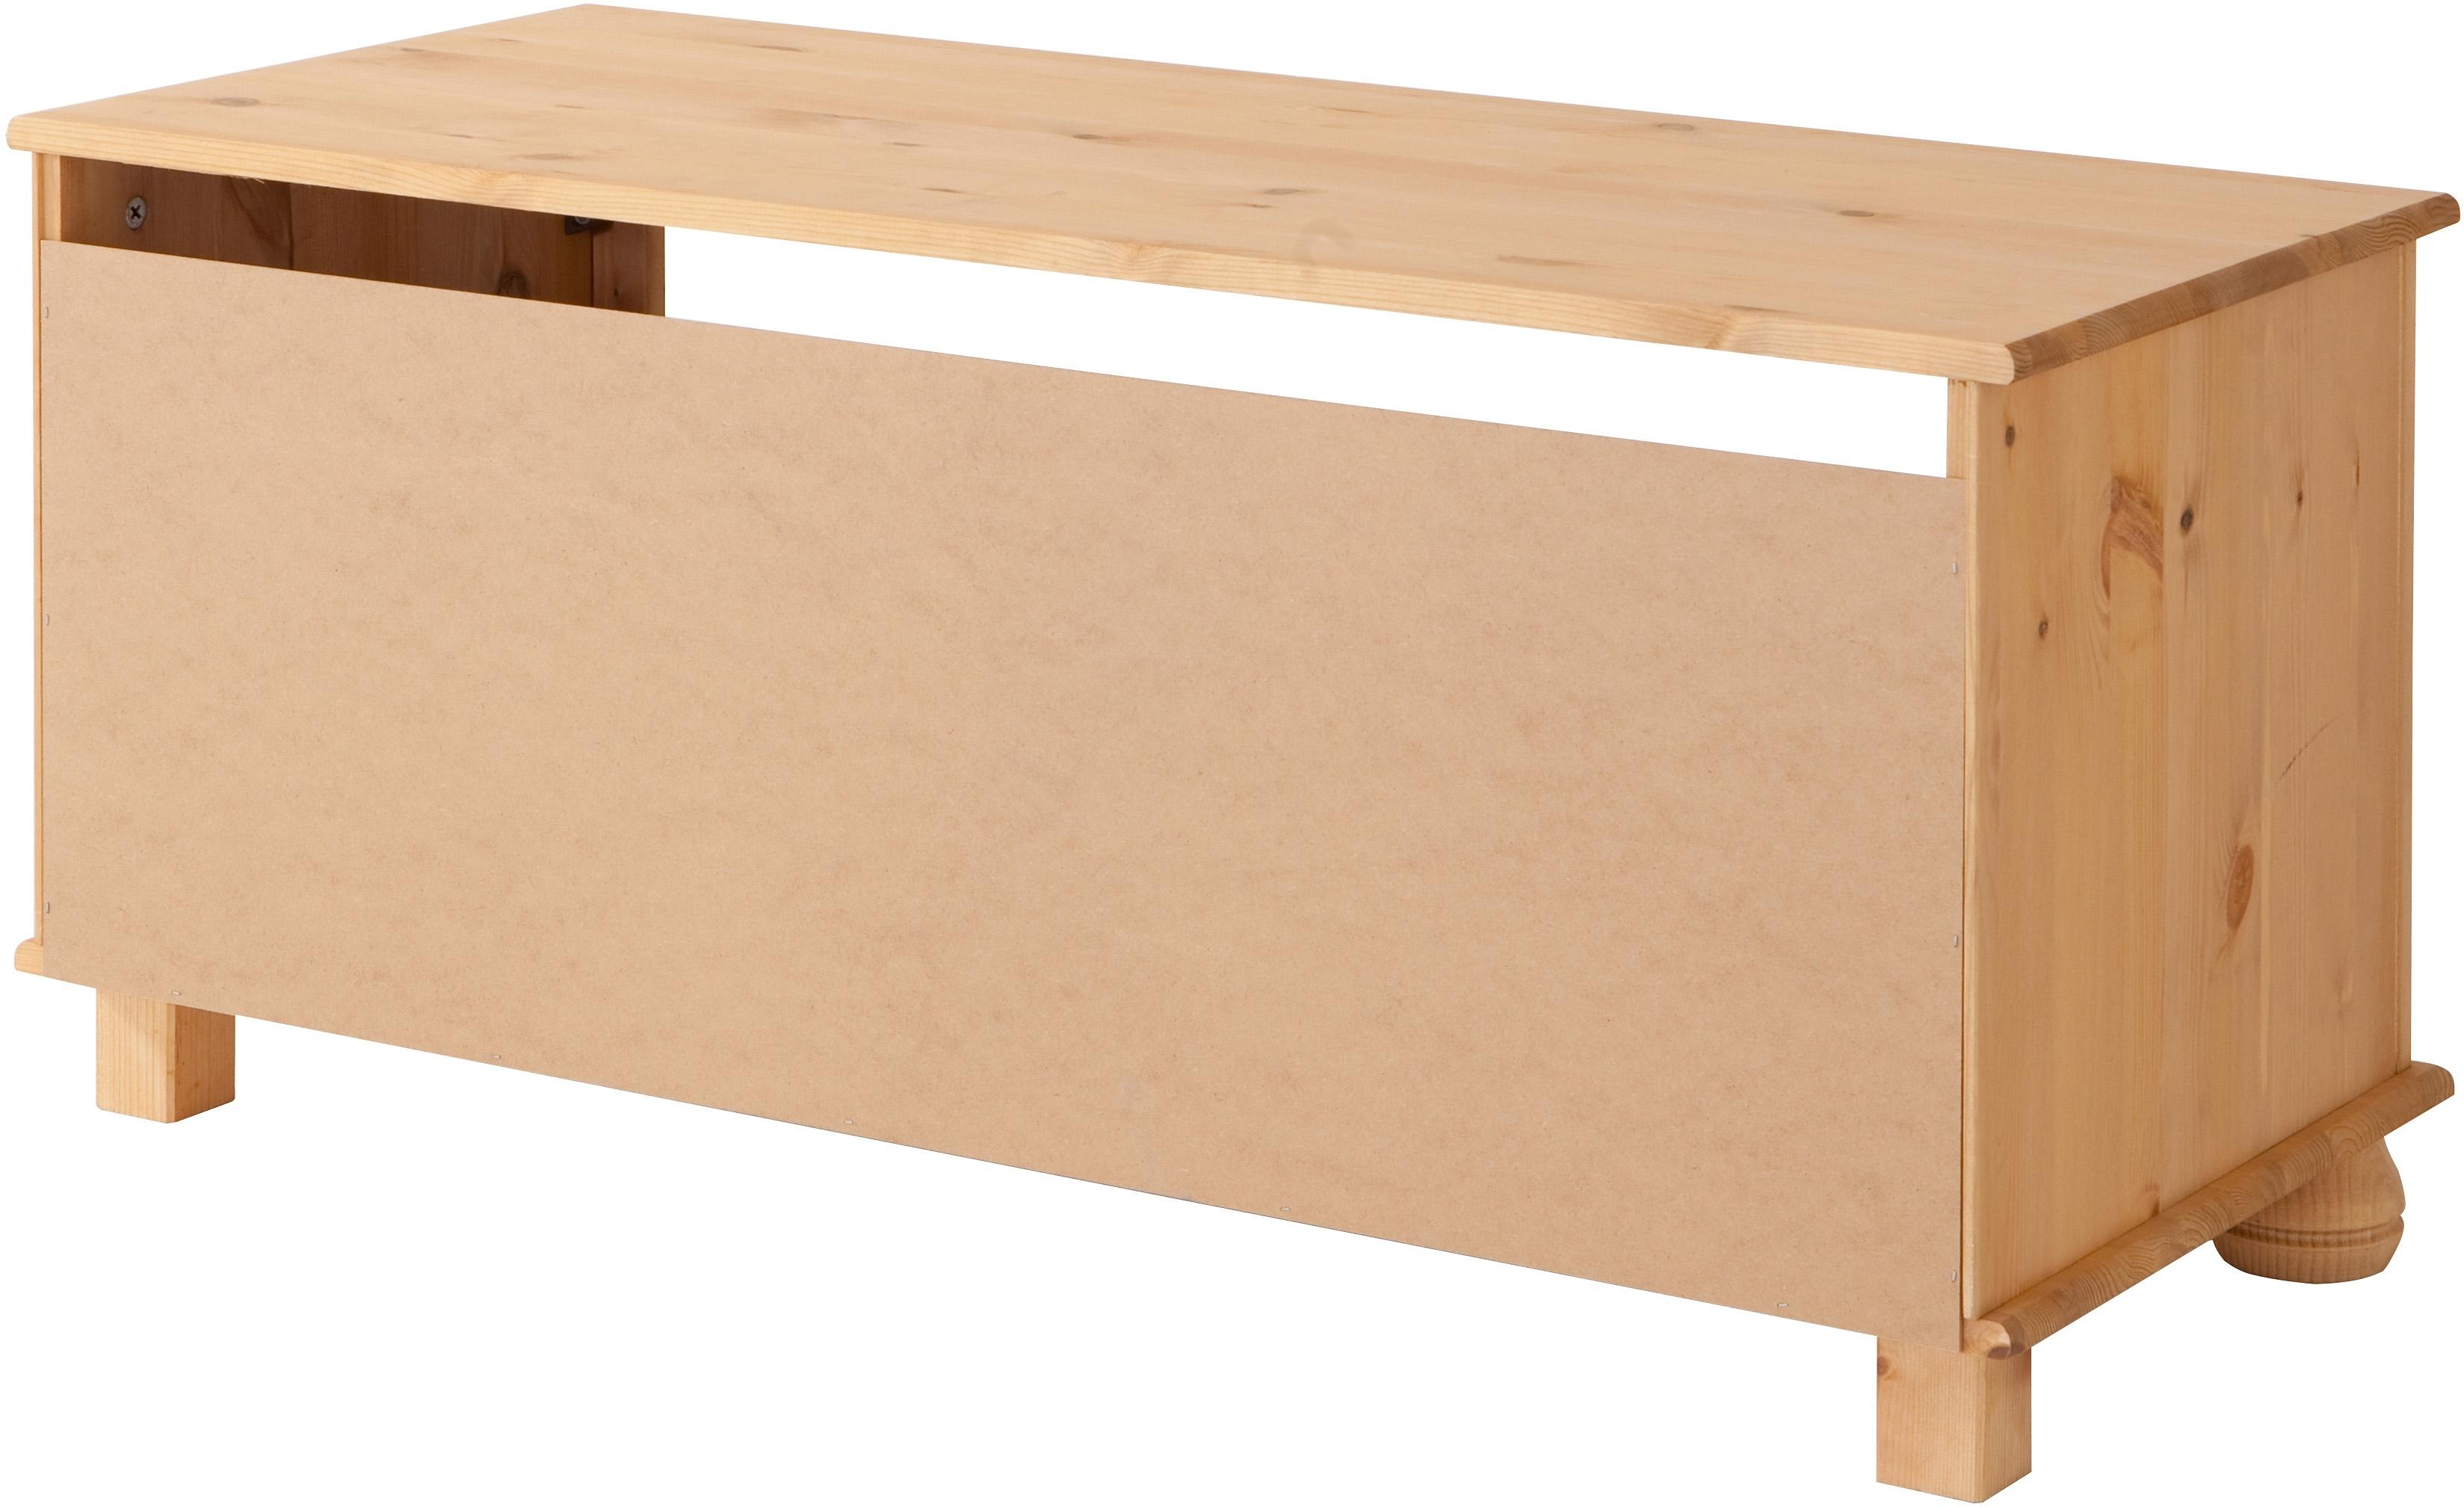 Gesloten Tv Kast : Home affaire tv meubel in klassieke landhuisstijl? bestel nu bij otto